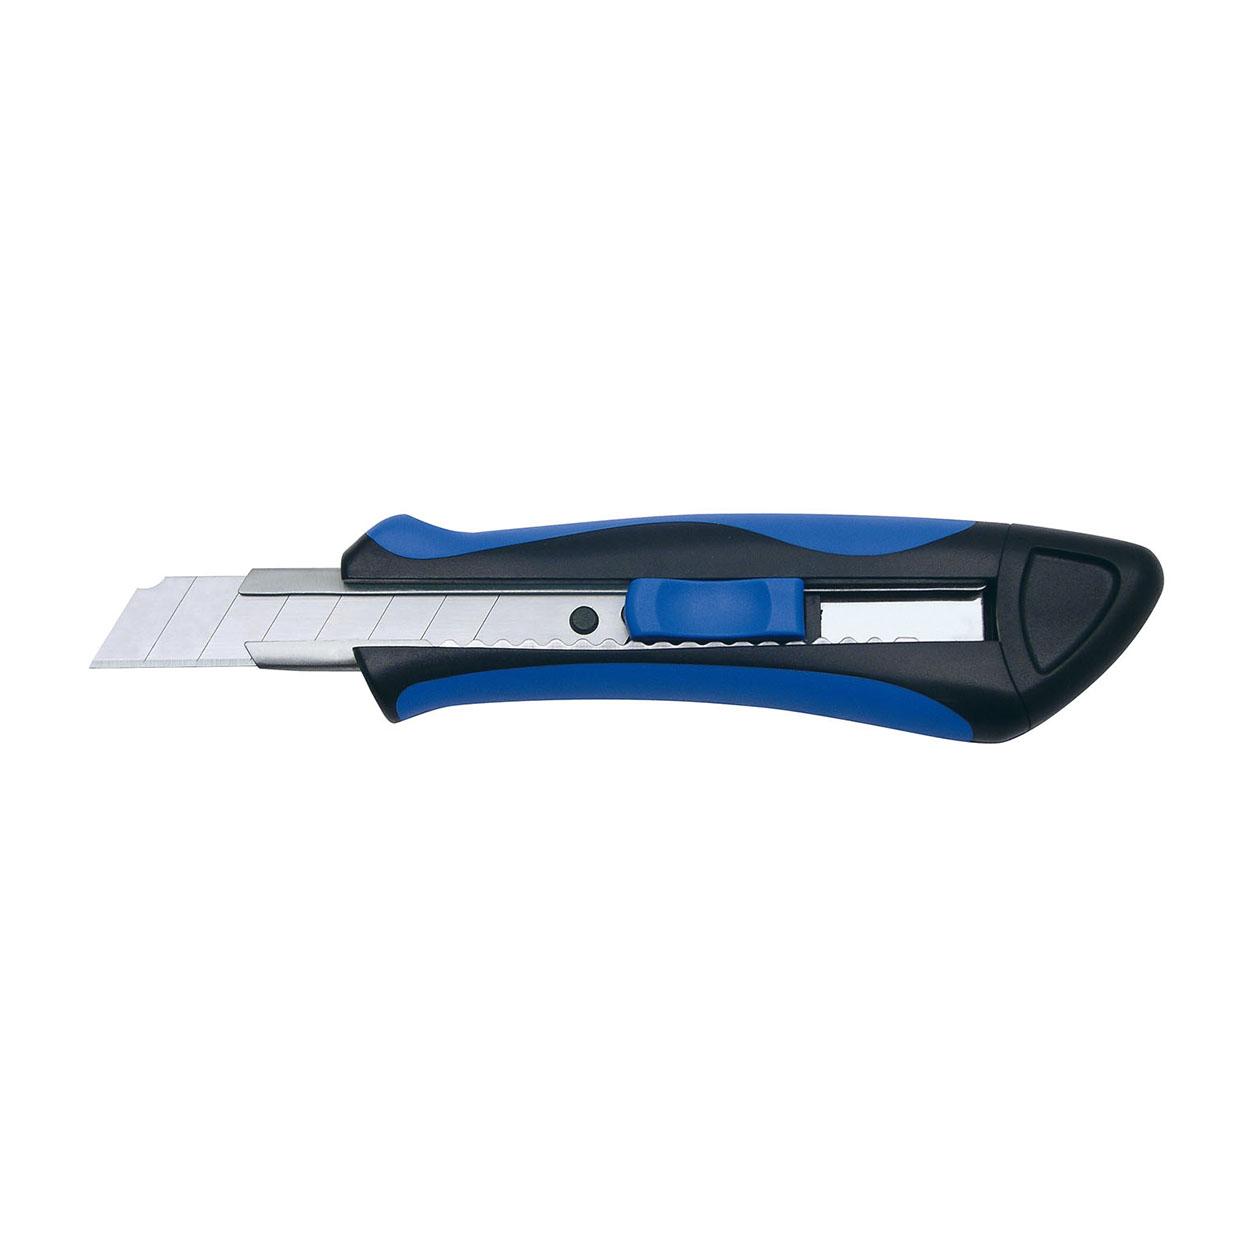 Pracovní nůž s odlamovací čepelí